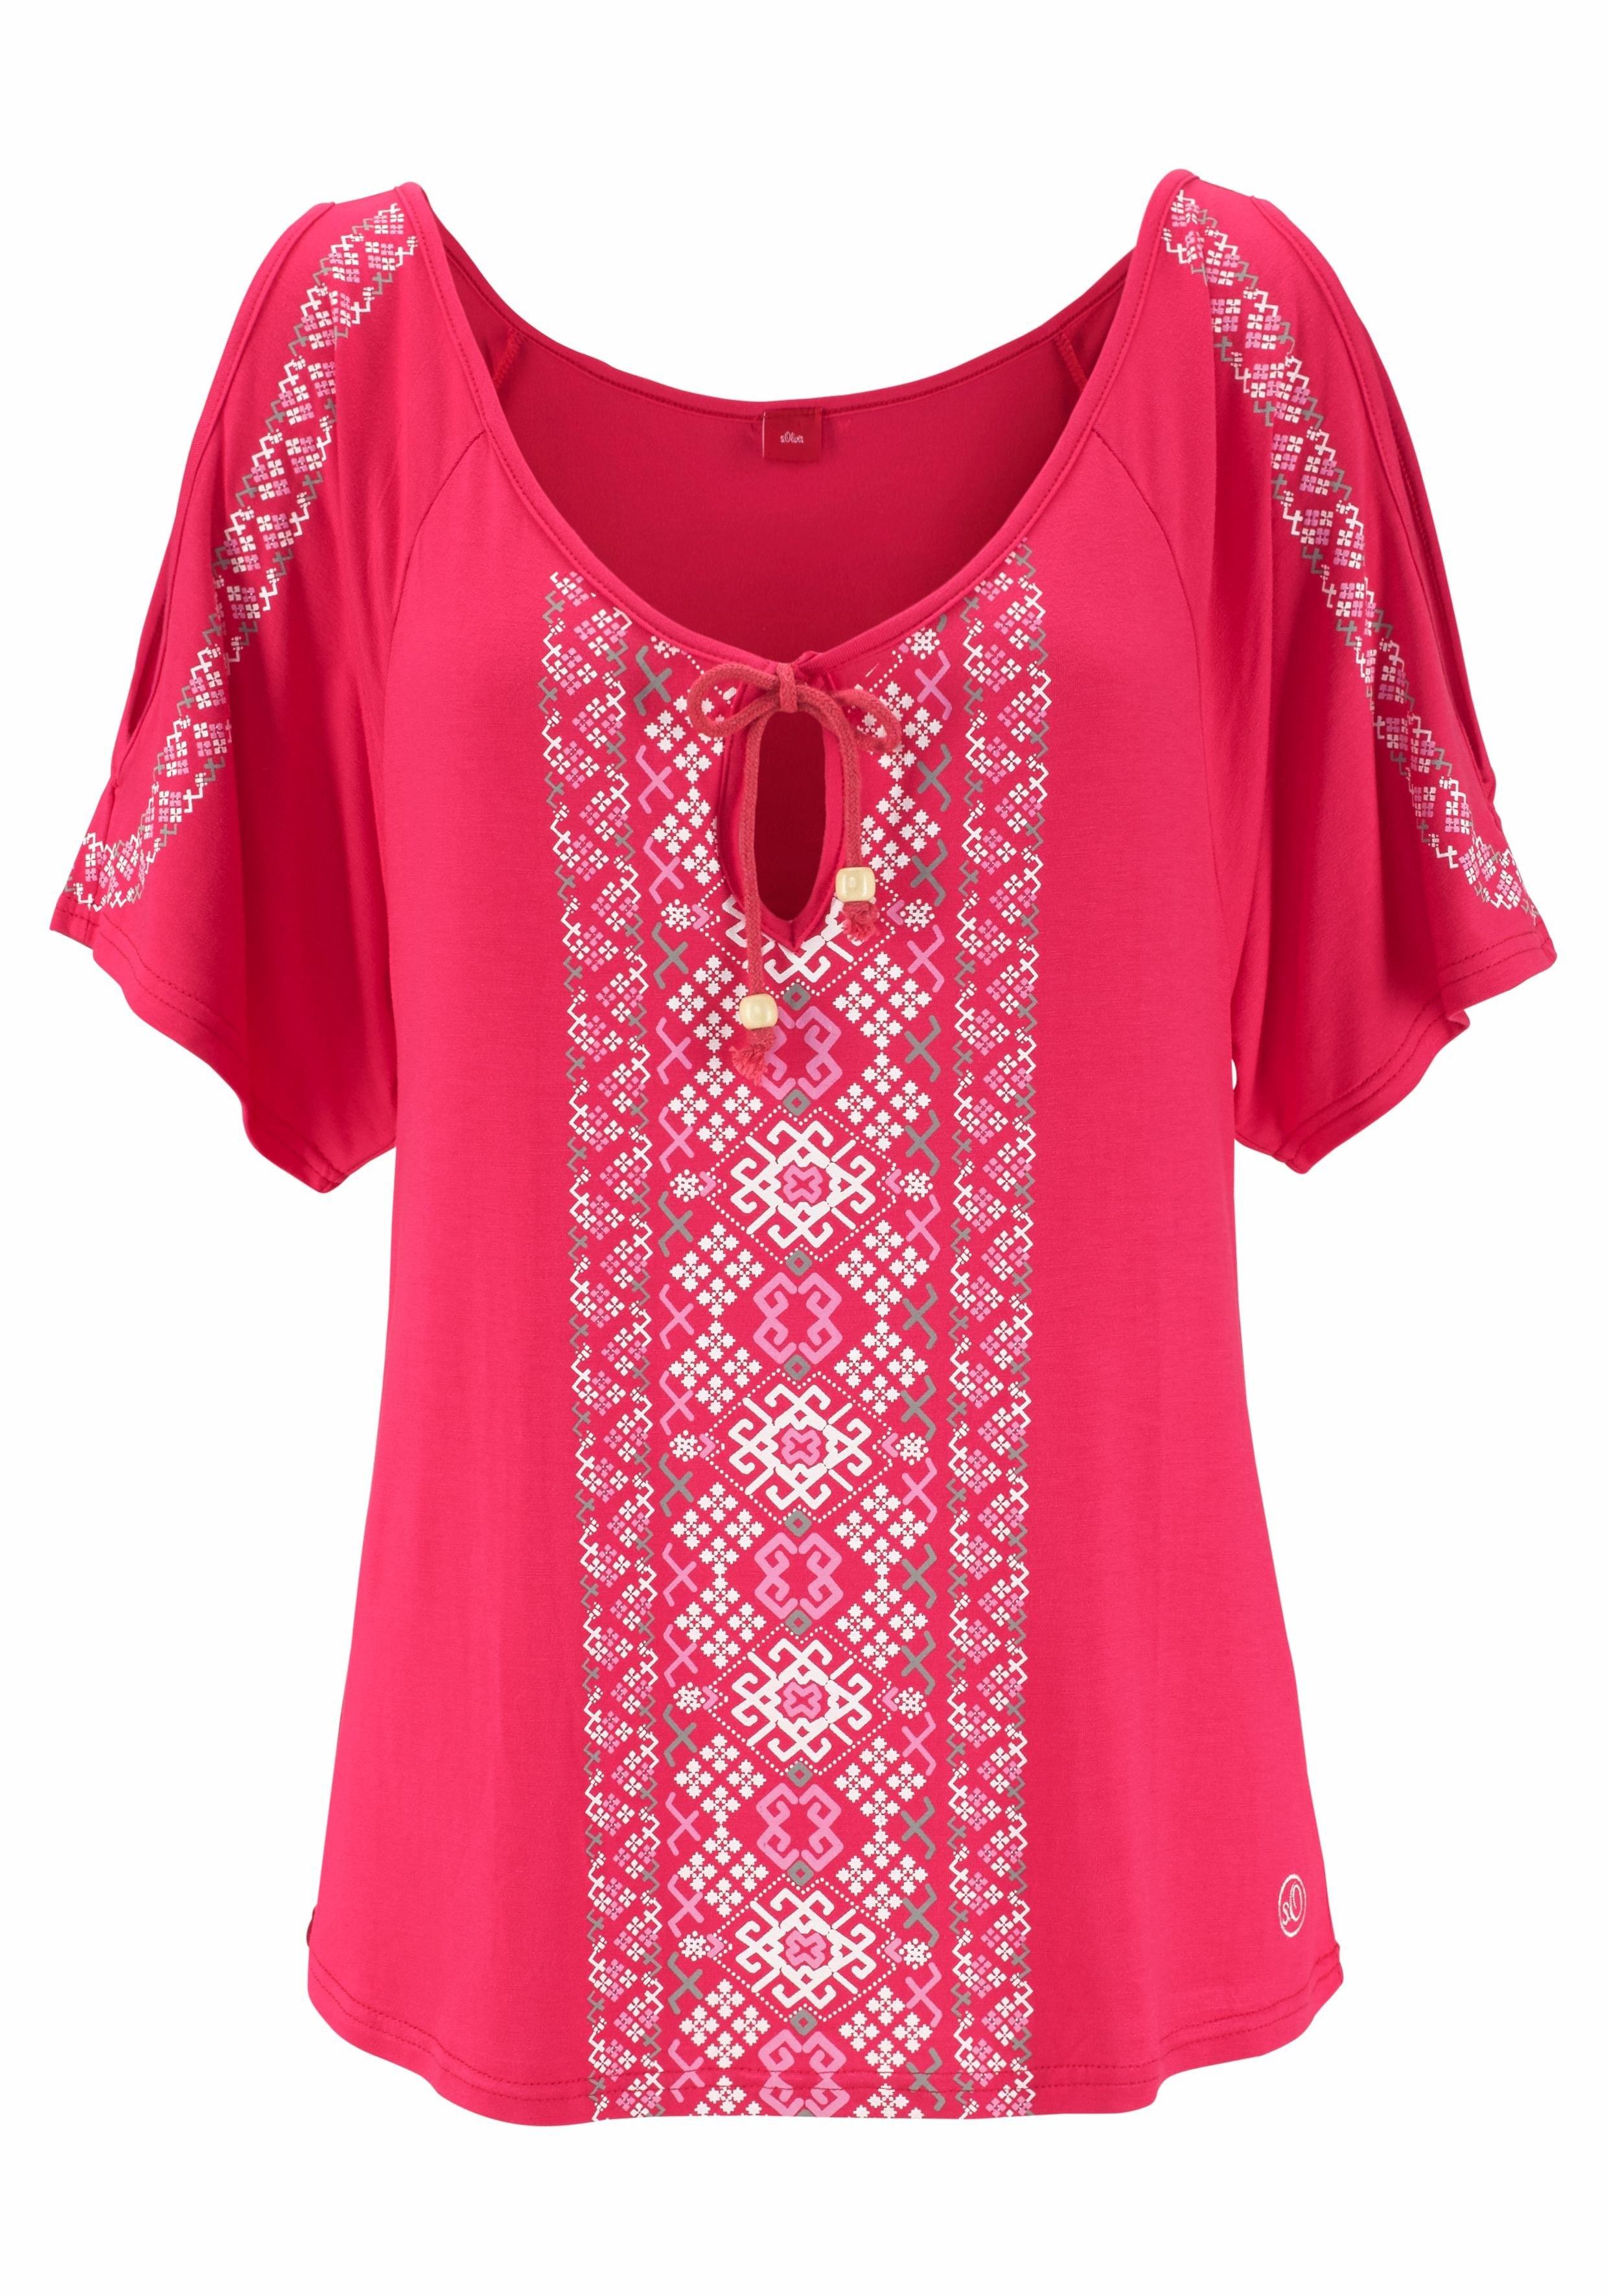 s.Oliver Beachwear S.OLIVER RED LABEL Beachwear strandshirt - verschillende betaalmethodes